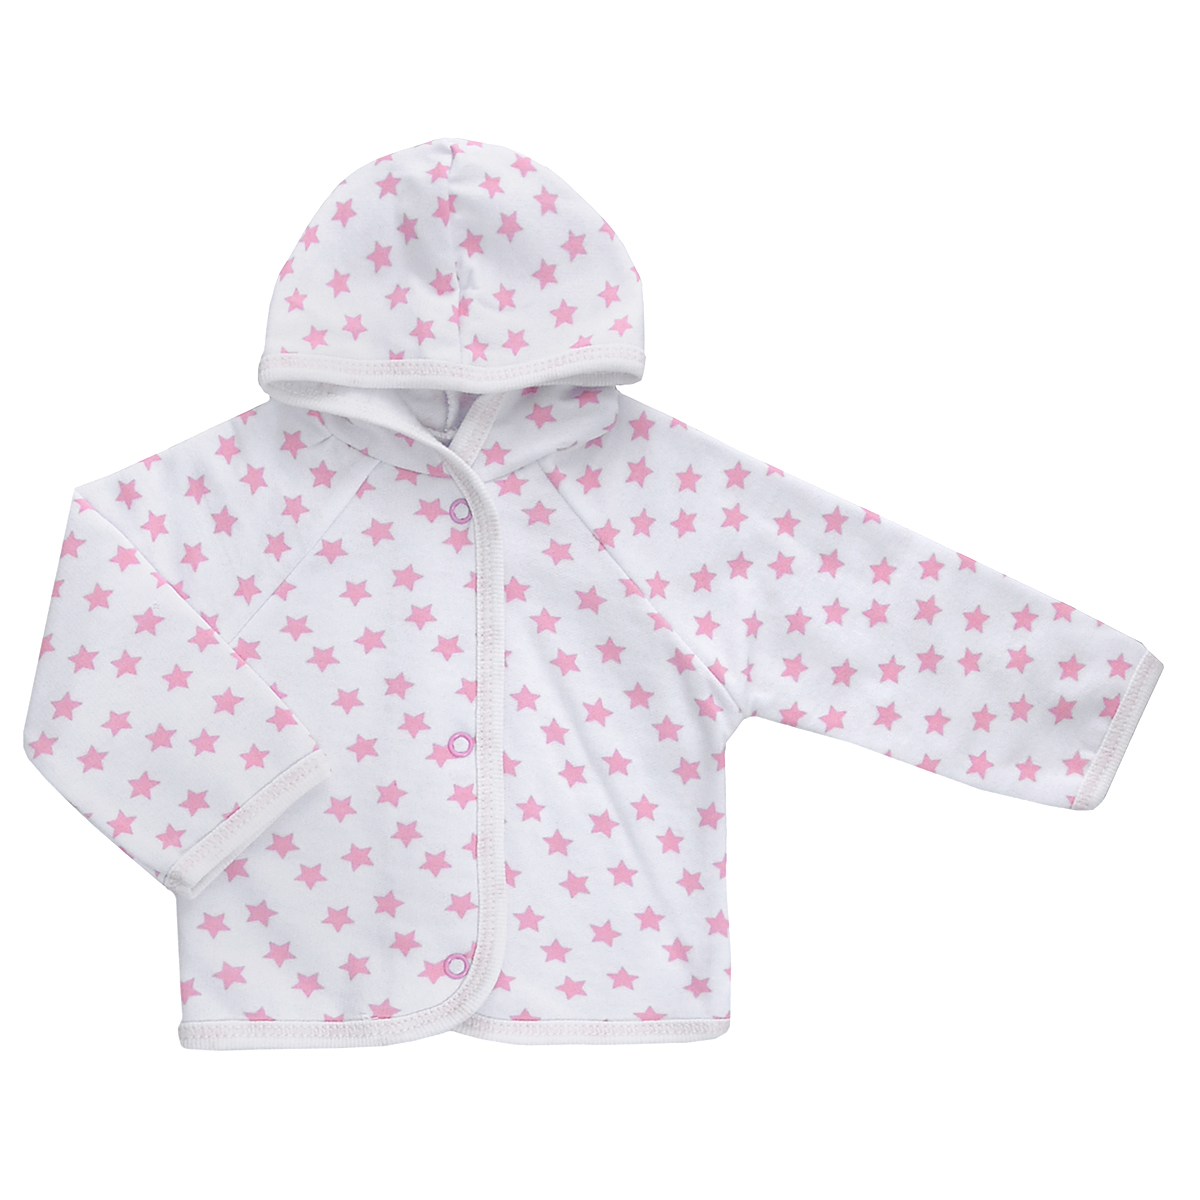 Кофточка детская Трон-плюс, цвет: белый, розовый, рисунок звезды. 5172. Размер 74, 9 месяцев5172Теплая кофточка Трон-плюс идеально подойдет вашему младенцу и станет идеальным дополнением к гардеробу вашего ребенка, обеспечивая ему наибольший комфорт. Изготовленная из футера - натурального хлопка, она необычайно мягкая и легкая, не раздражает нежную кожу ребенка и хорошо вентилируется, а эластичные швы приятны телу малыша и не препятствуют его движениям. Удобные застежки-кнопки по всей длине помогают легко переодеть младенца. Модель с длинными рукавами-реглан дополнена капюшоном. По краям кофточка обработана бейкой и украшена оригинальным принтом.Кофточка полностью соответствует особенностям жизни ребенка в ранний период, не стесняя и не ограничивая его в движениях.